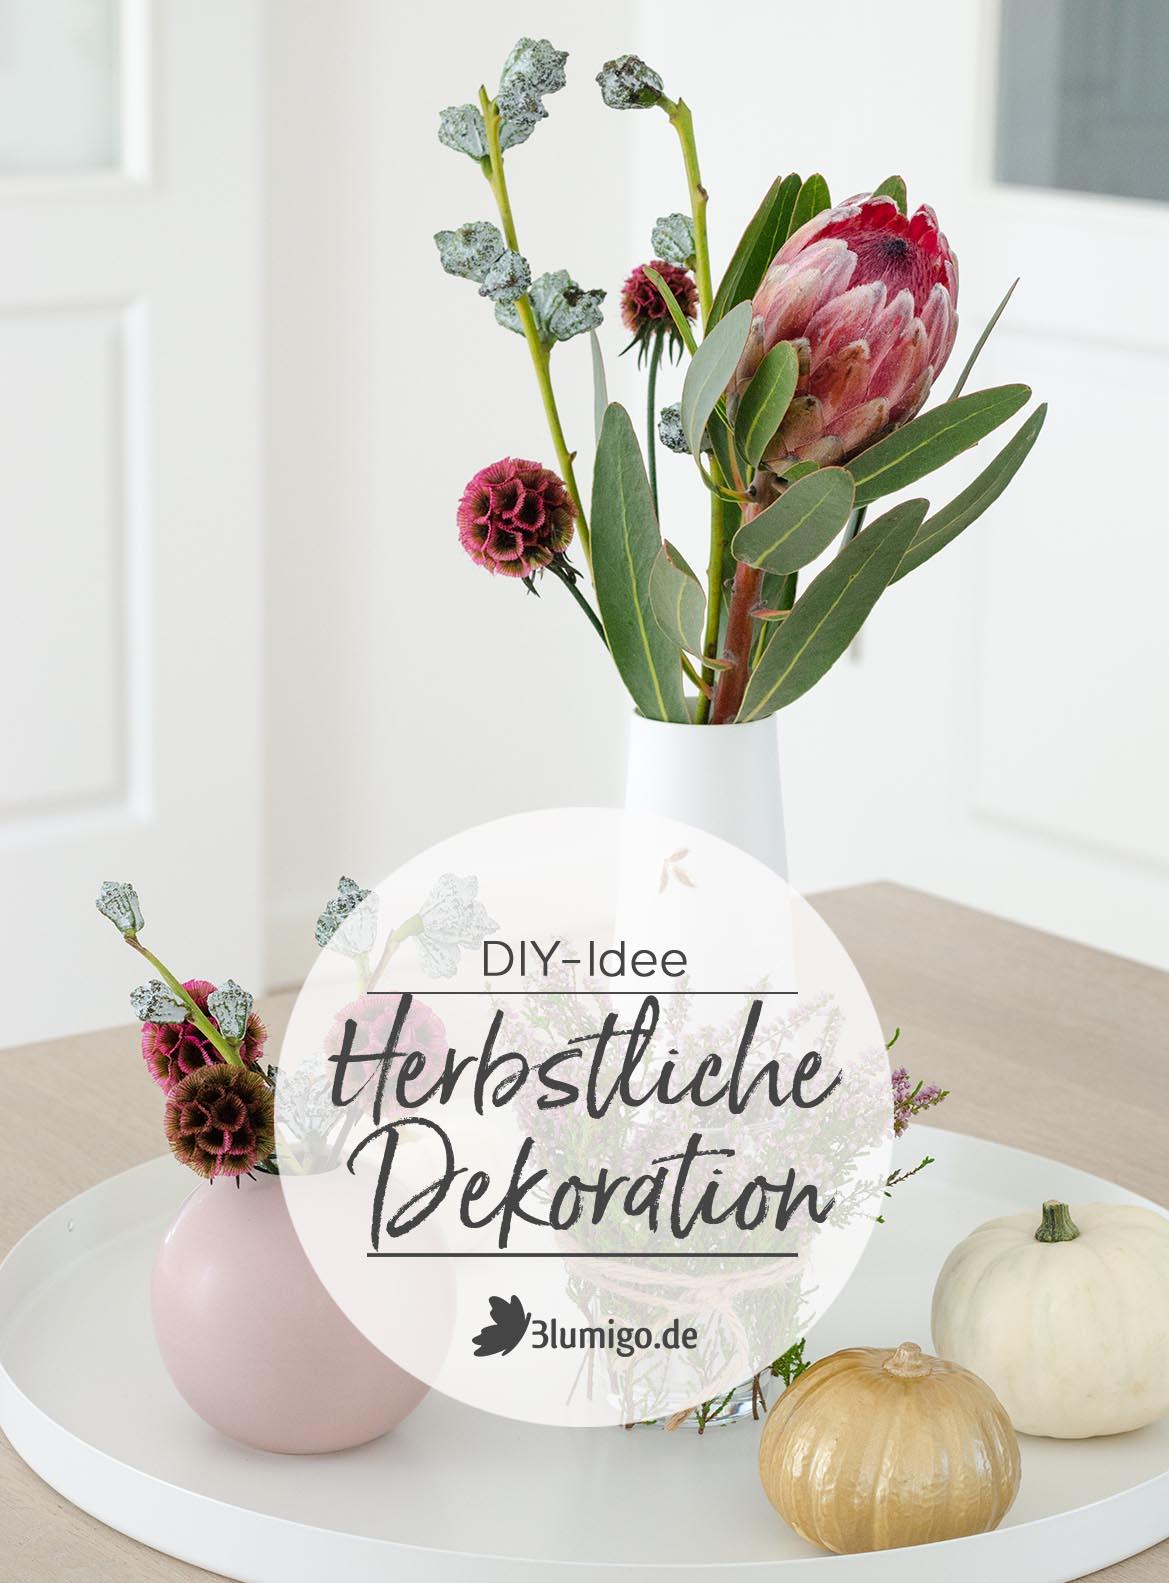 Herbstliche Deko selber machen – Eine DIY-Idee für ...